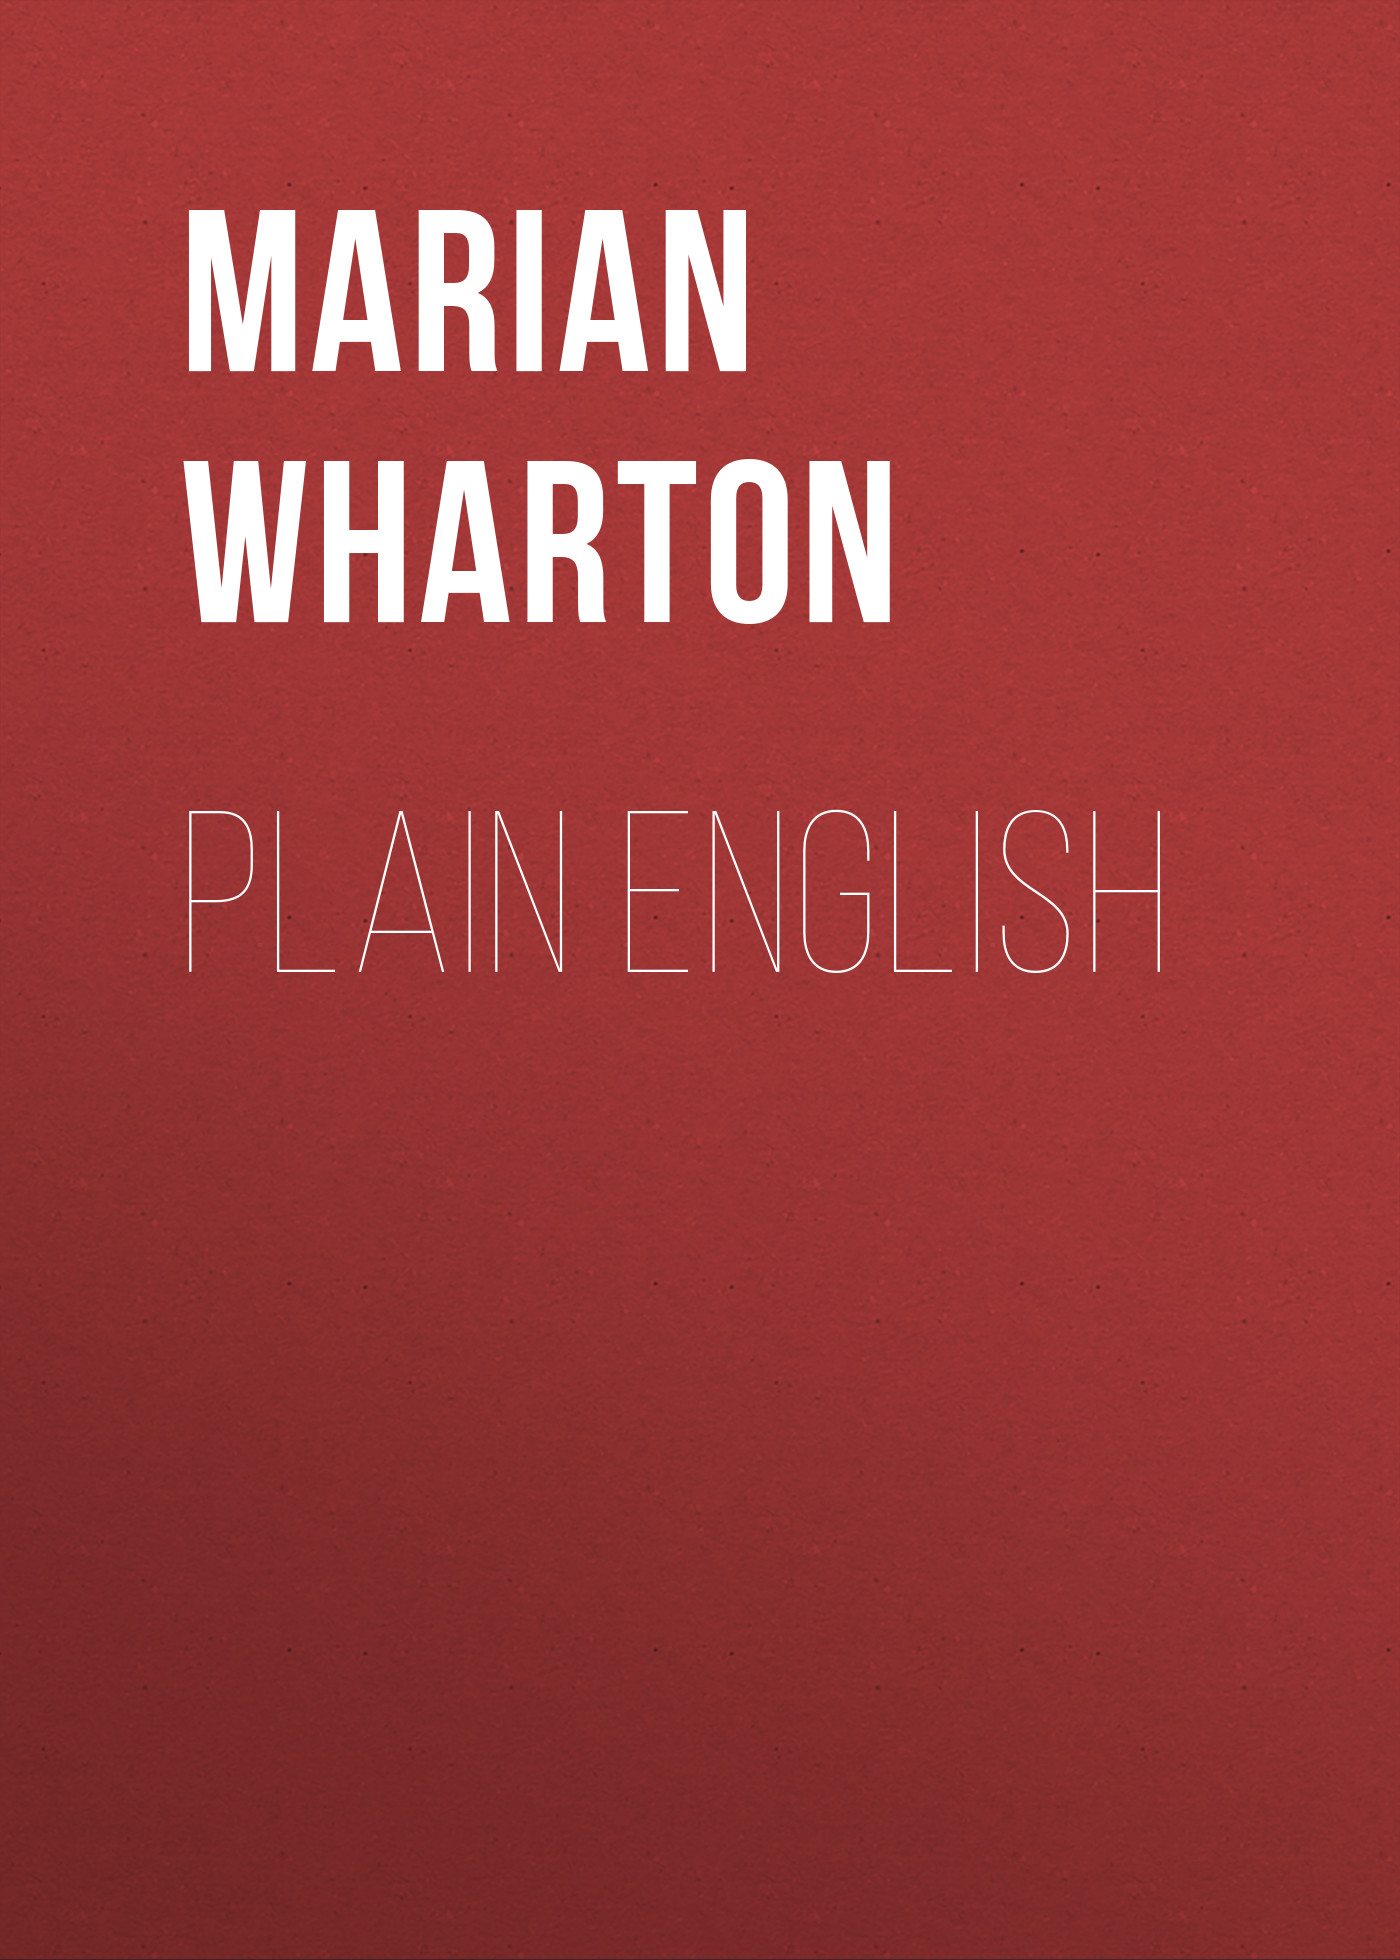 Marian Wharton Plain English c in plain english